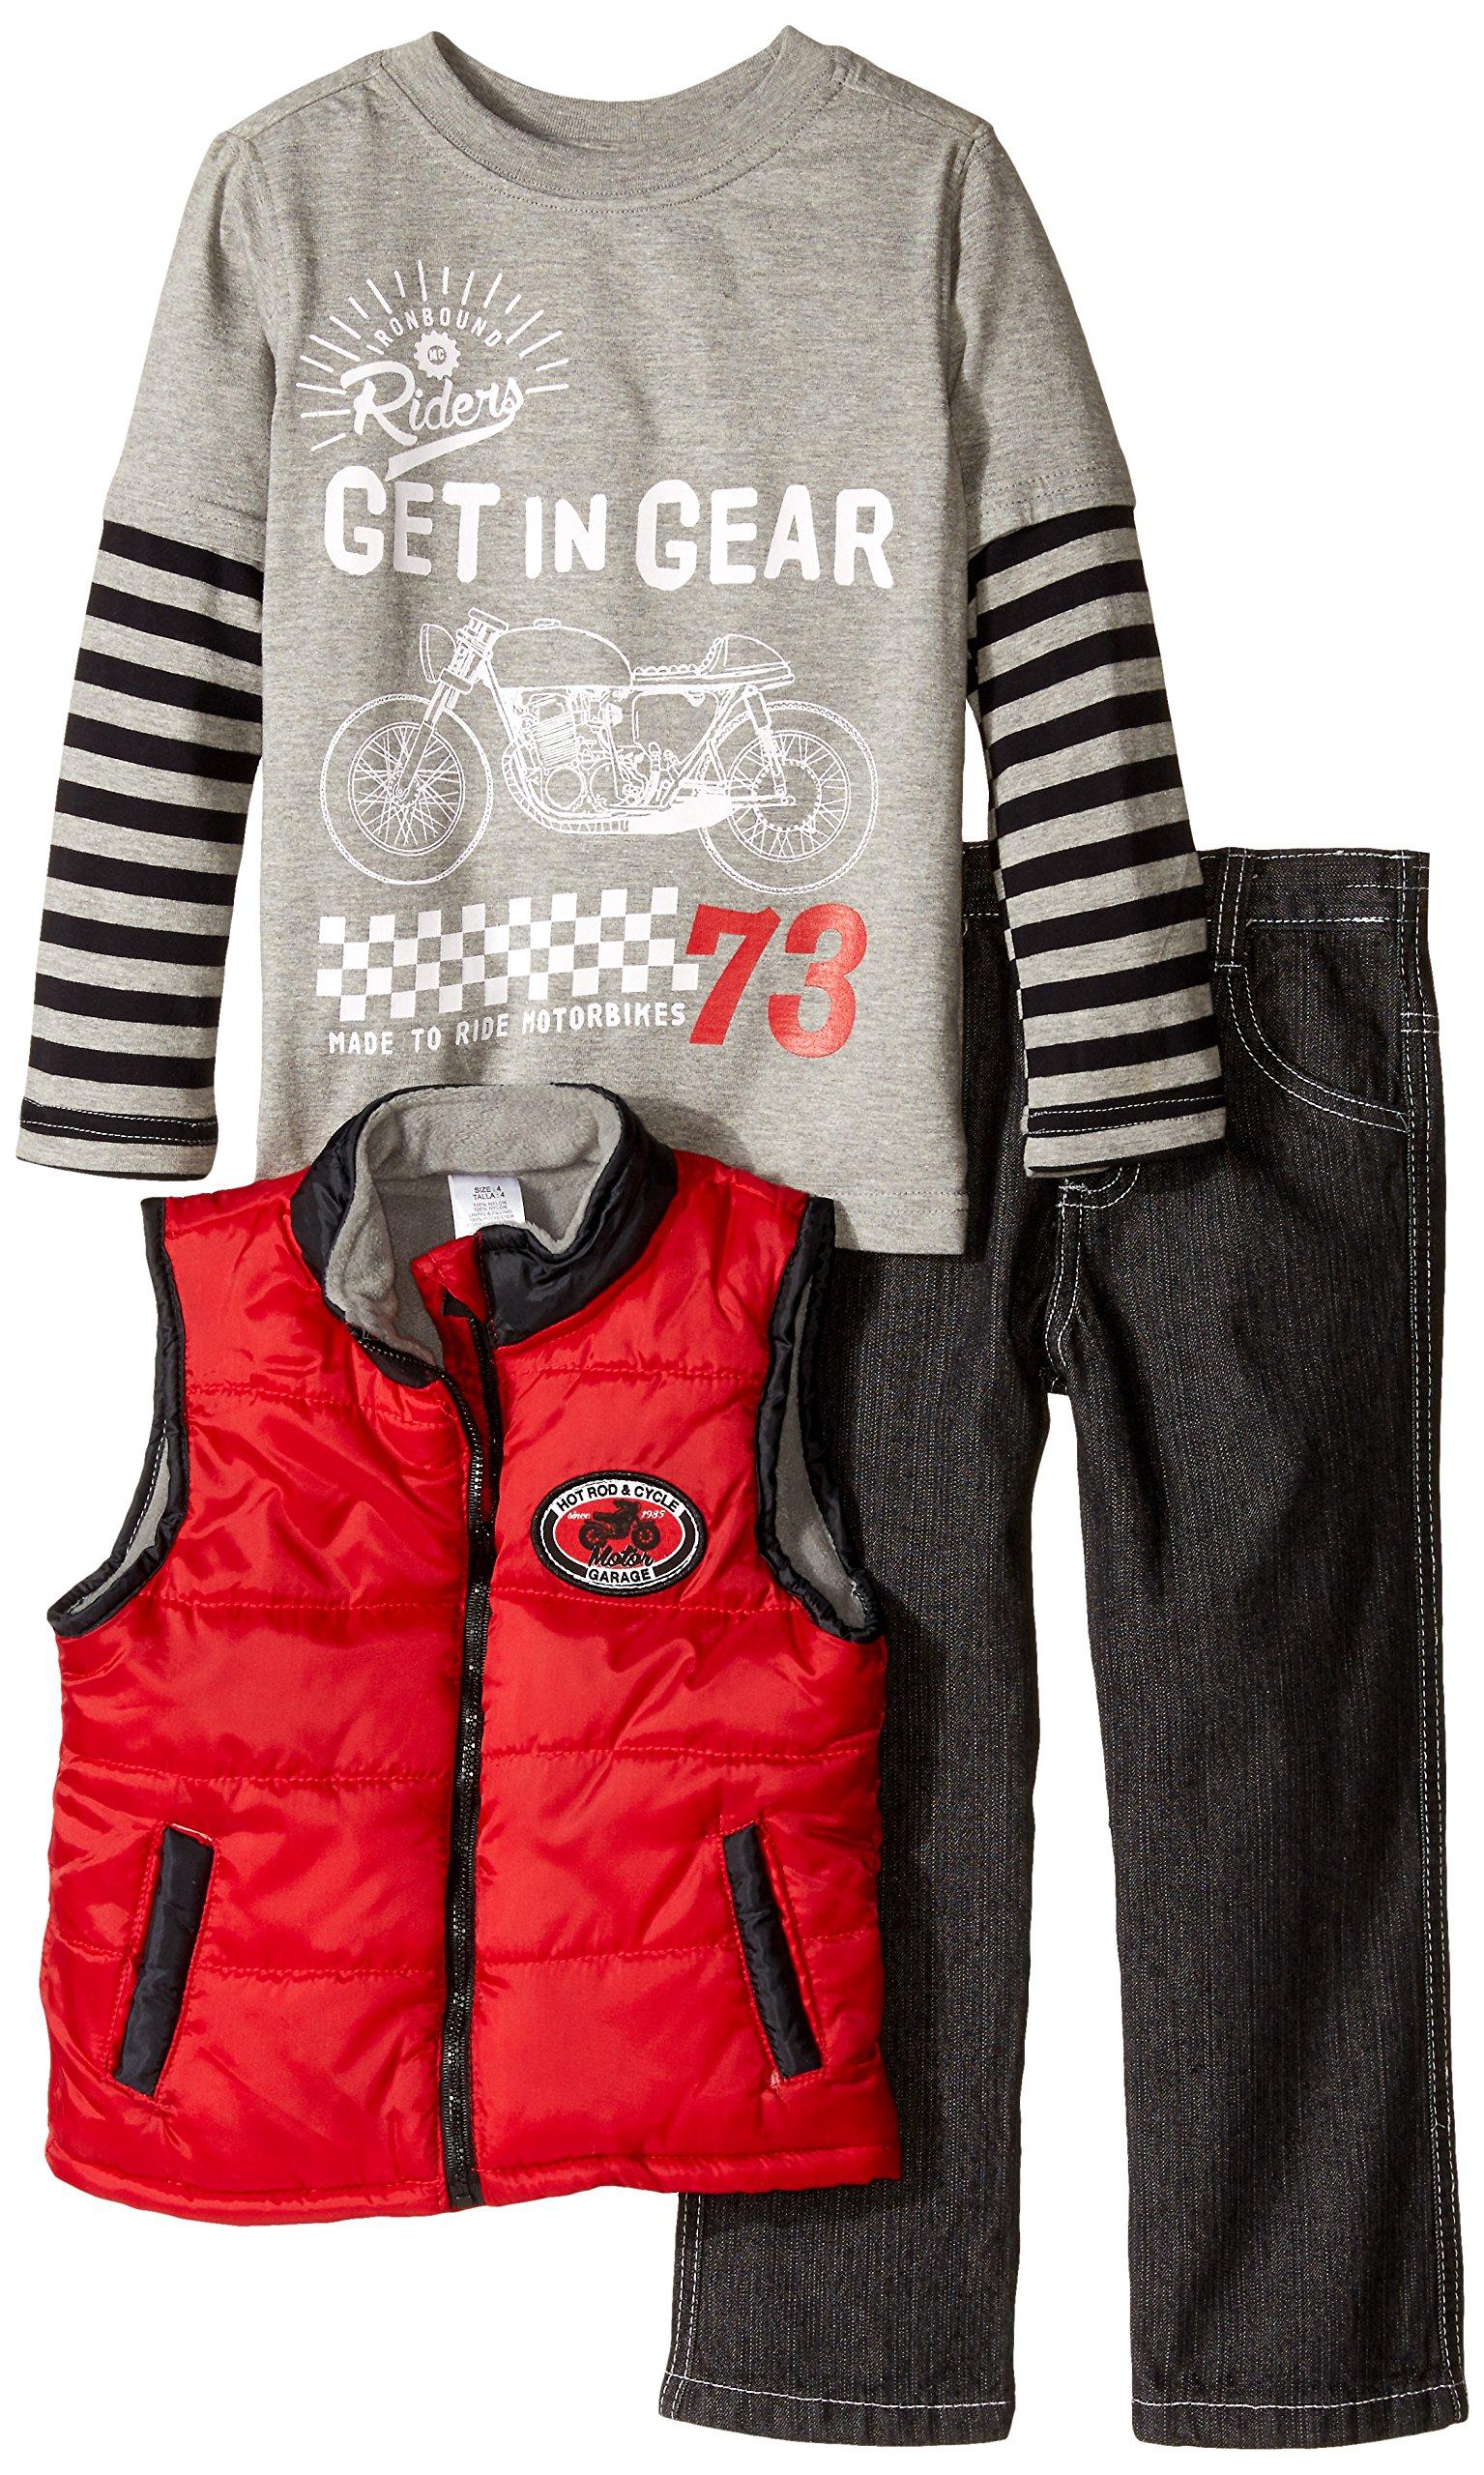 BoyzWear Little Boys' 3 Piece Cotton Get in Gear Vest Set, Red, 4